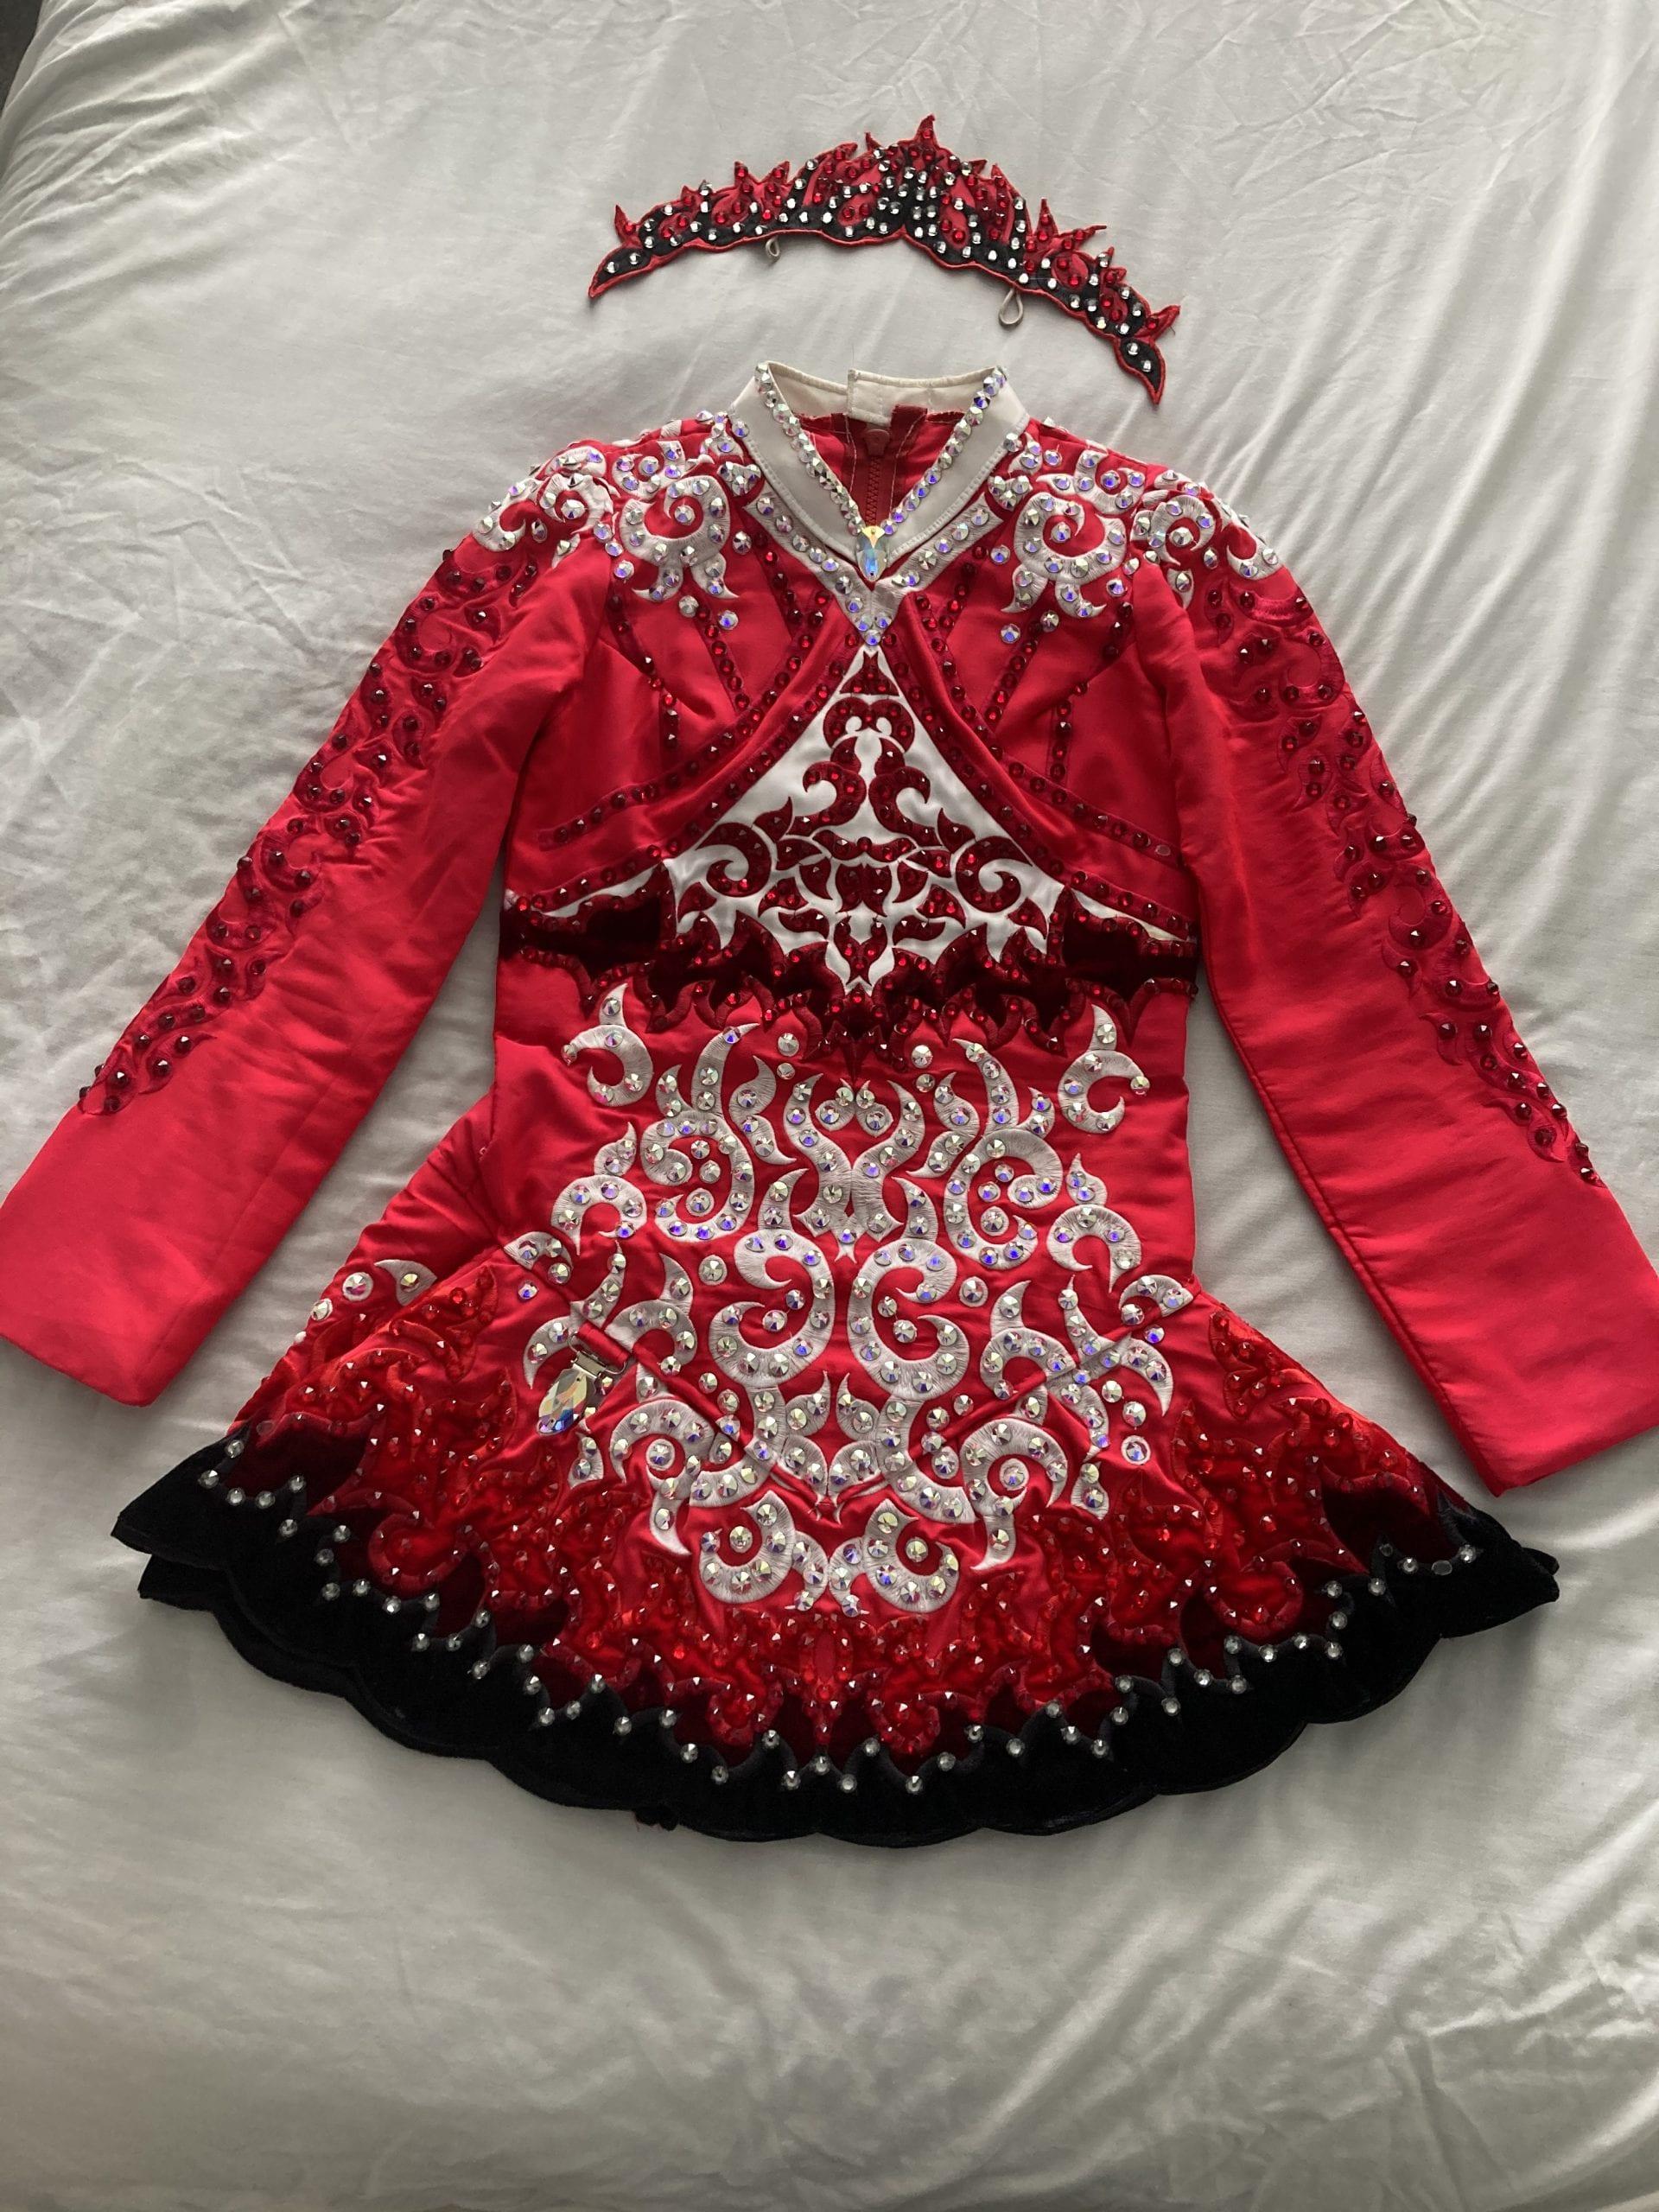 Dress #5143